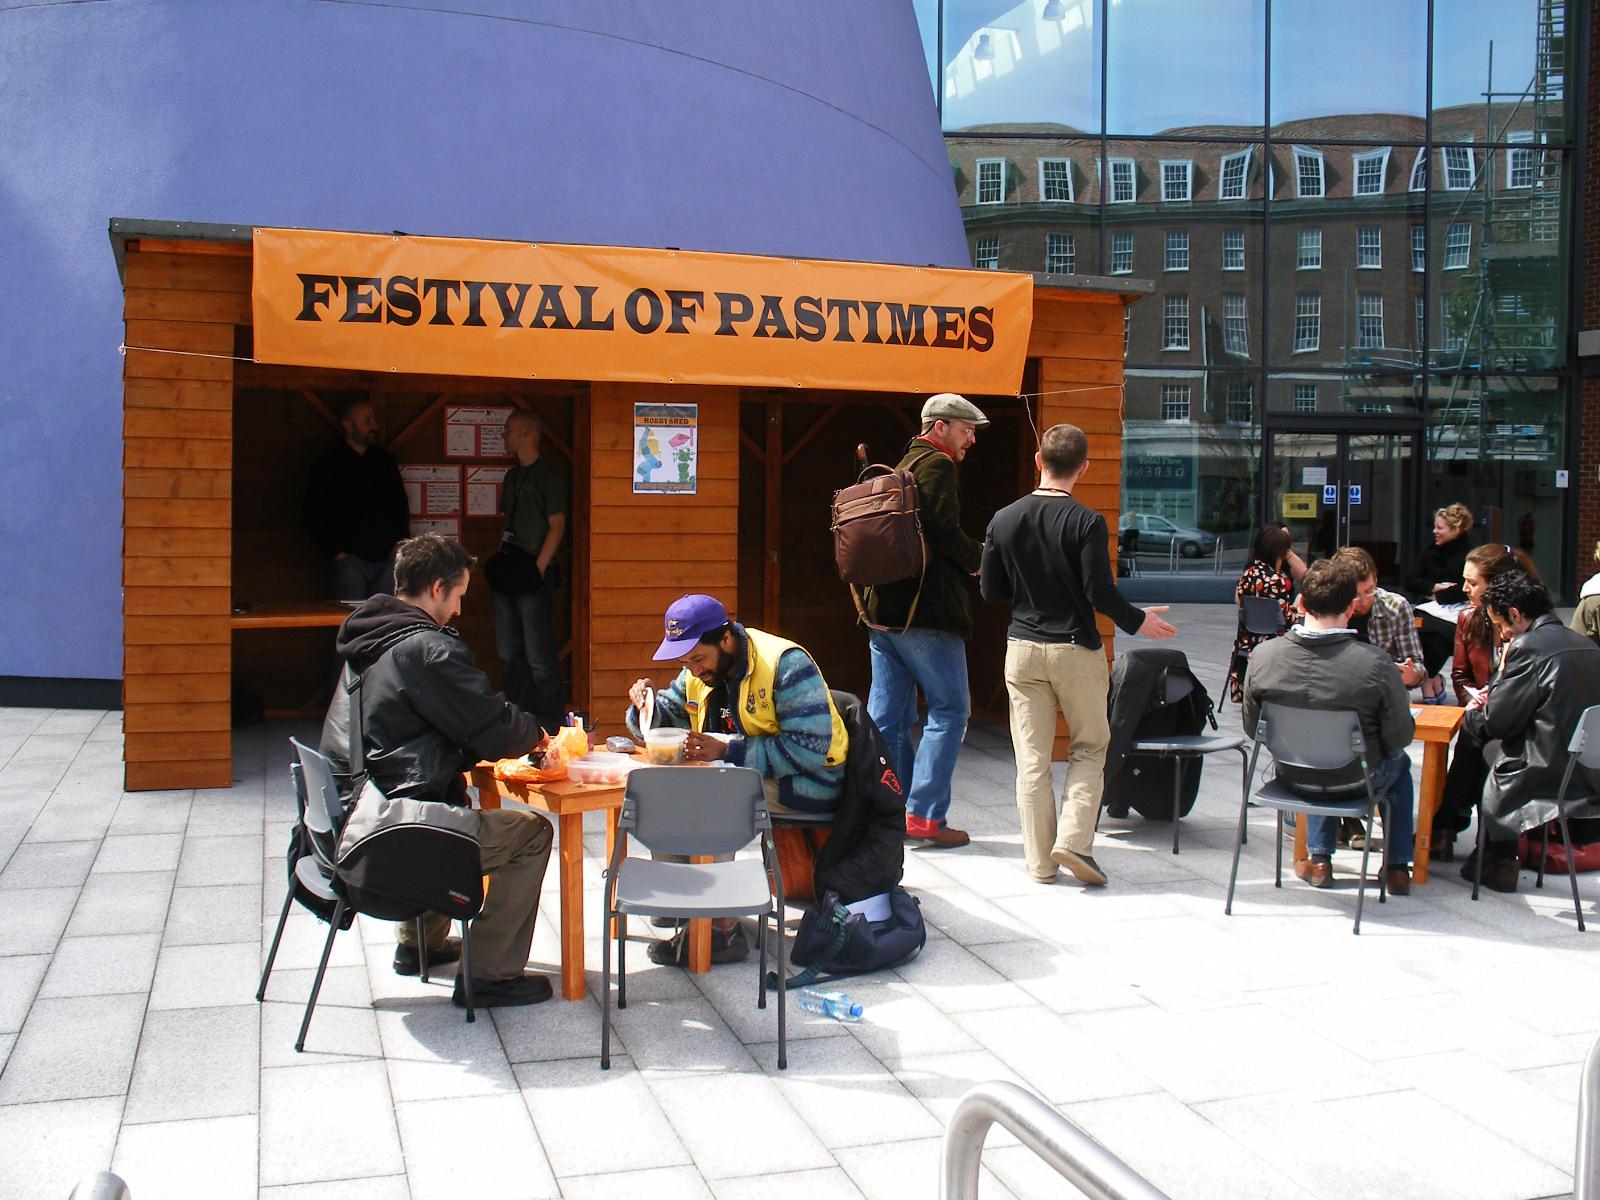 http://www.yvonnecarmichael.com/festivalofpastimes.org/files/gimgs/10_hull1.jpg